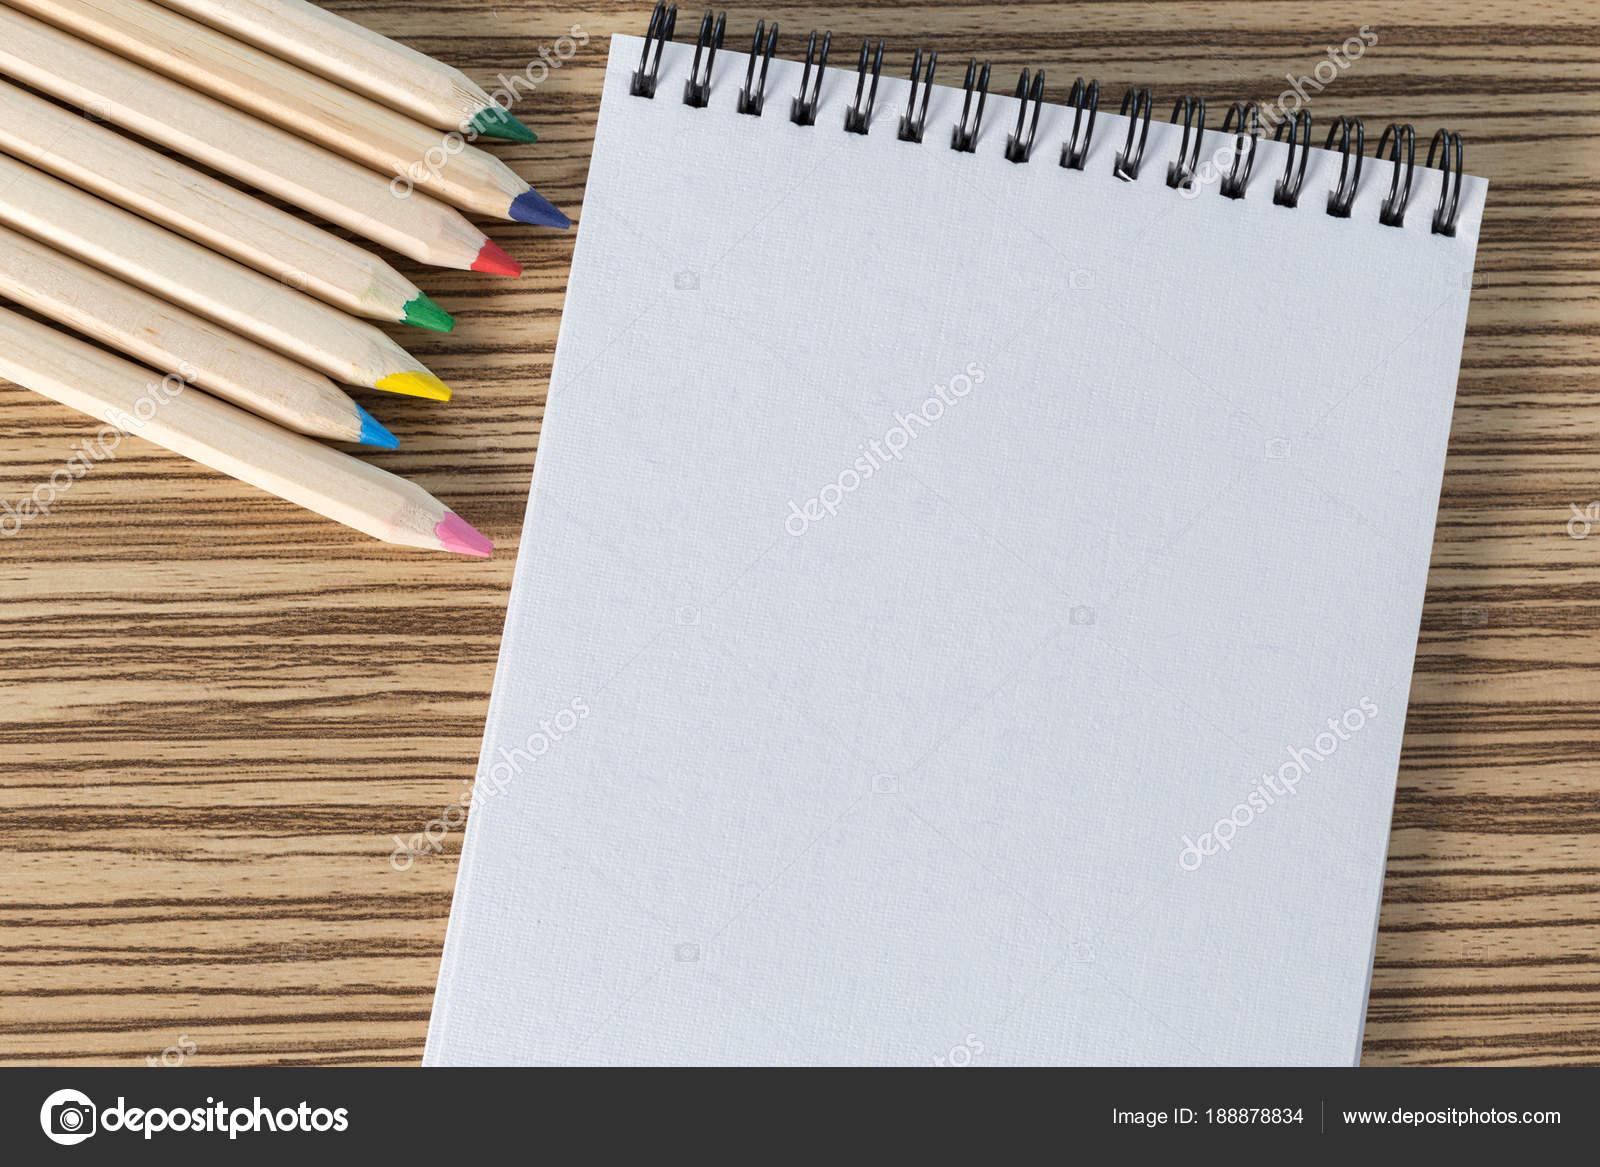 fda5c5b54 Lápices Colores Cuaderno Dibujo Una Tabla — Foto de stock ...